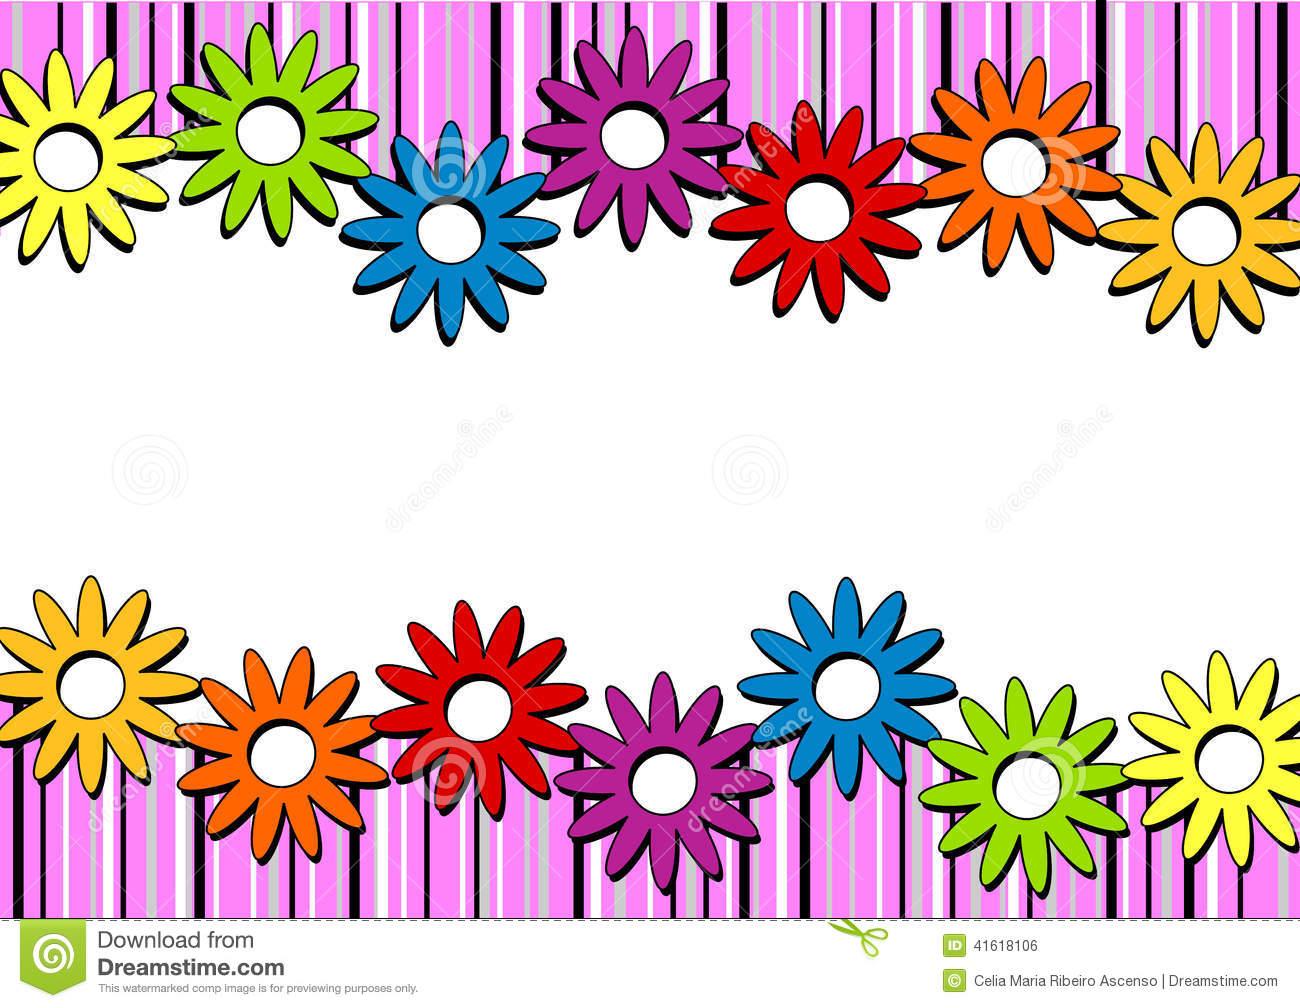 Horizontal flower border clipart 5 » Clipart Station.